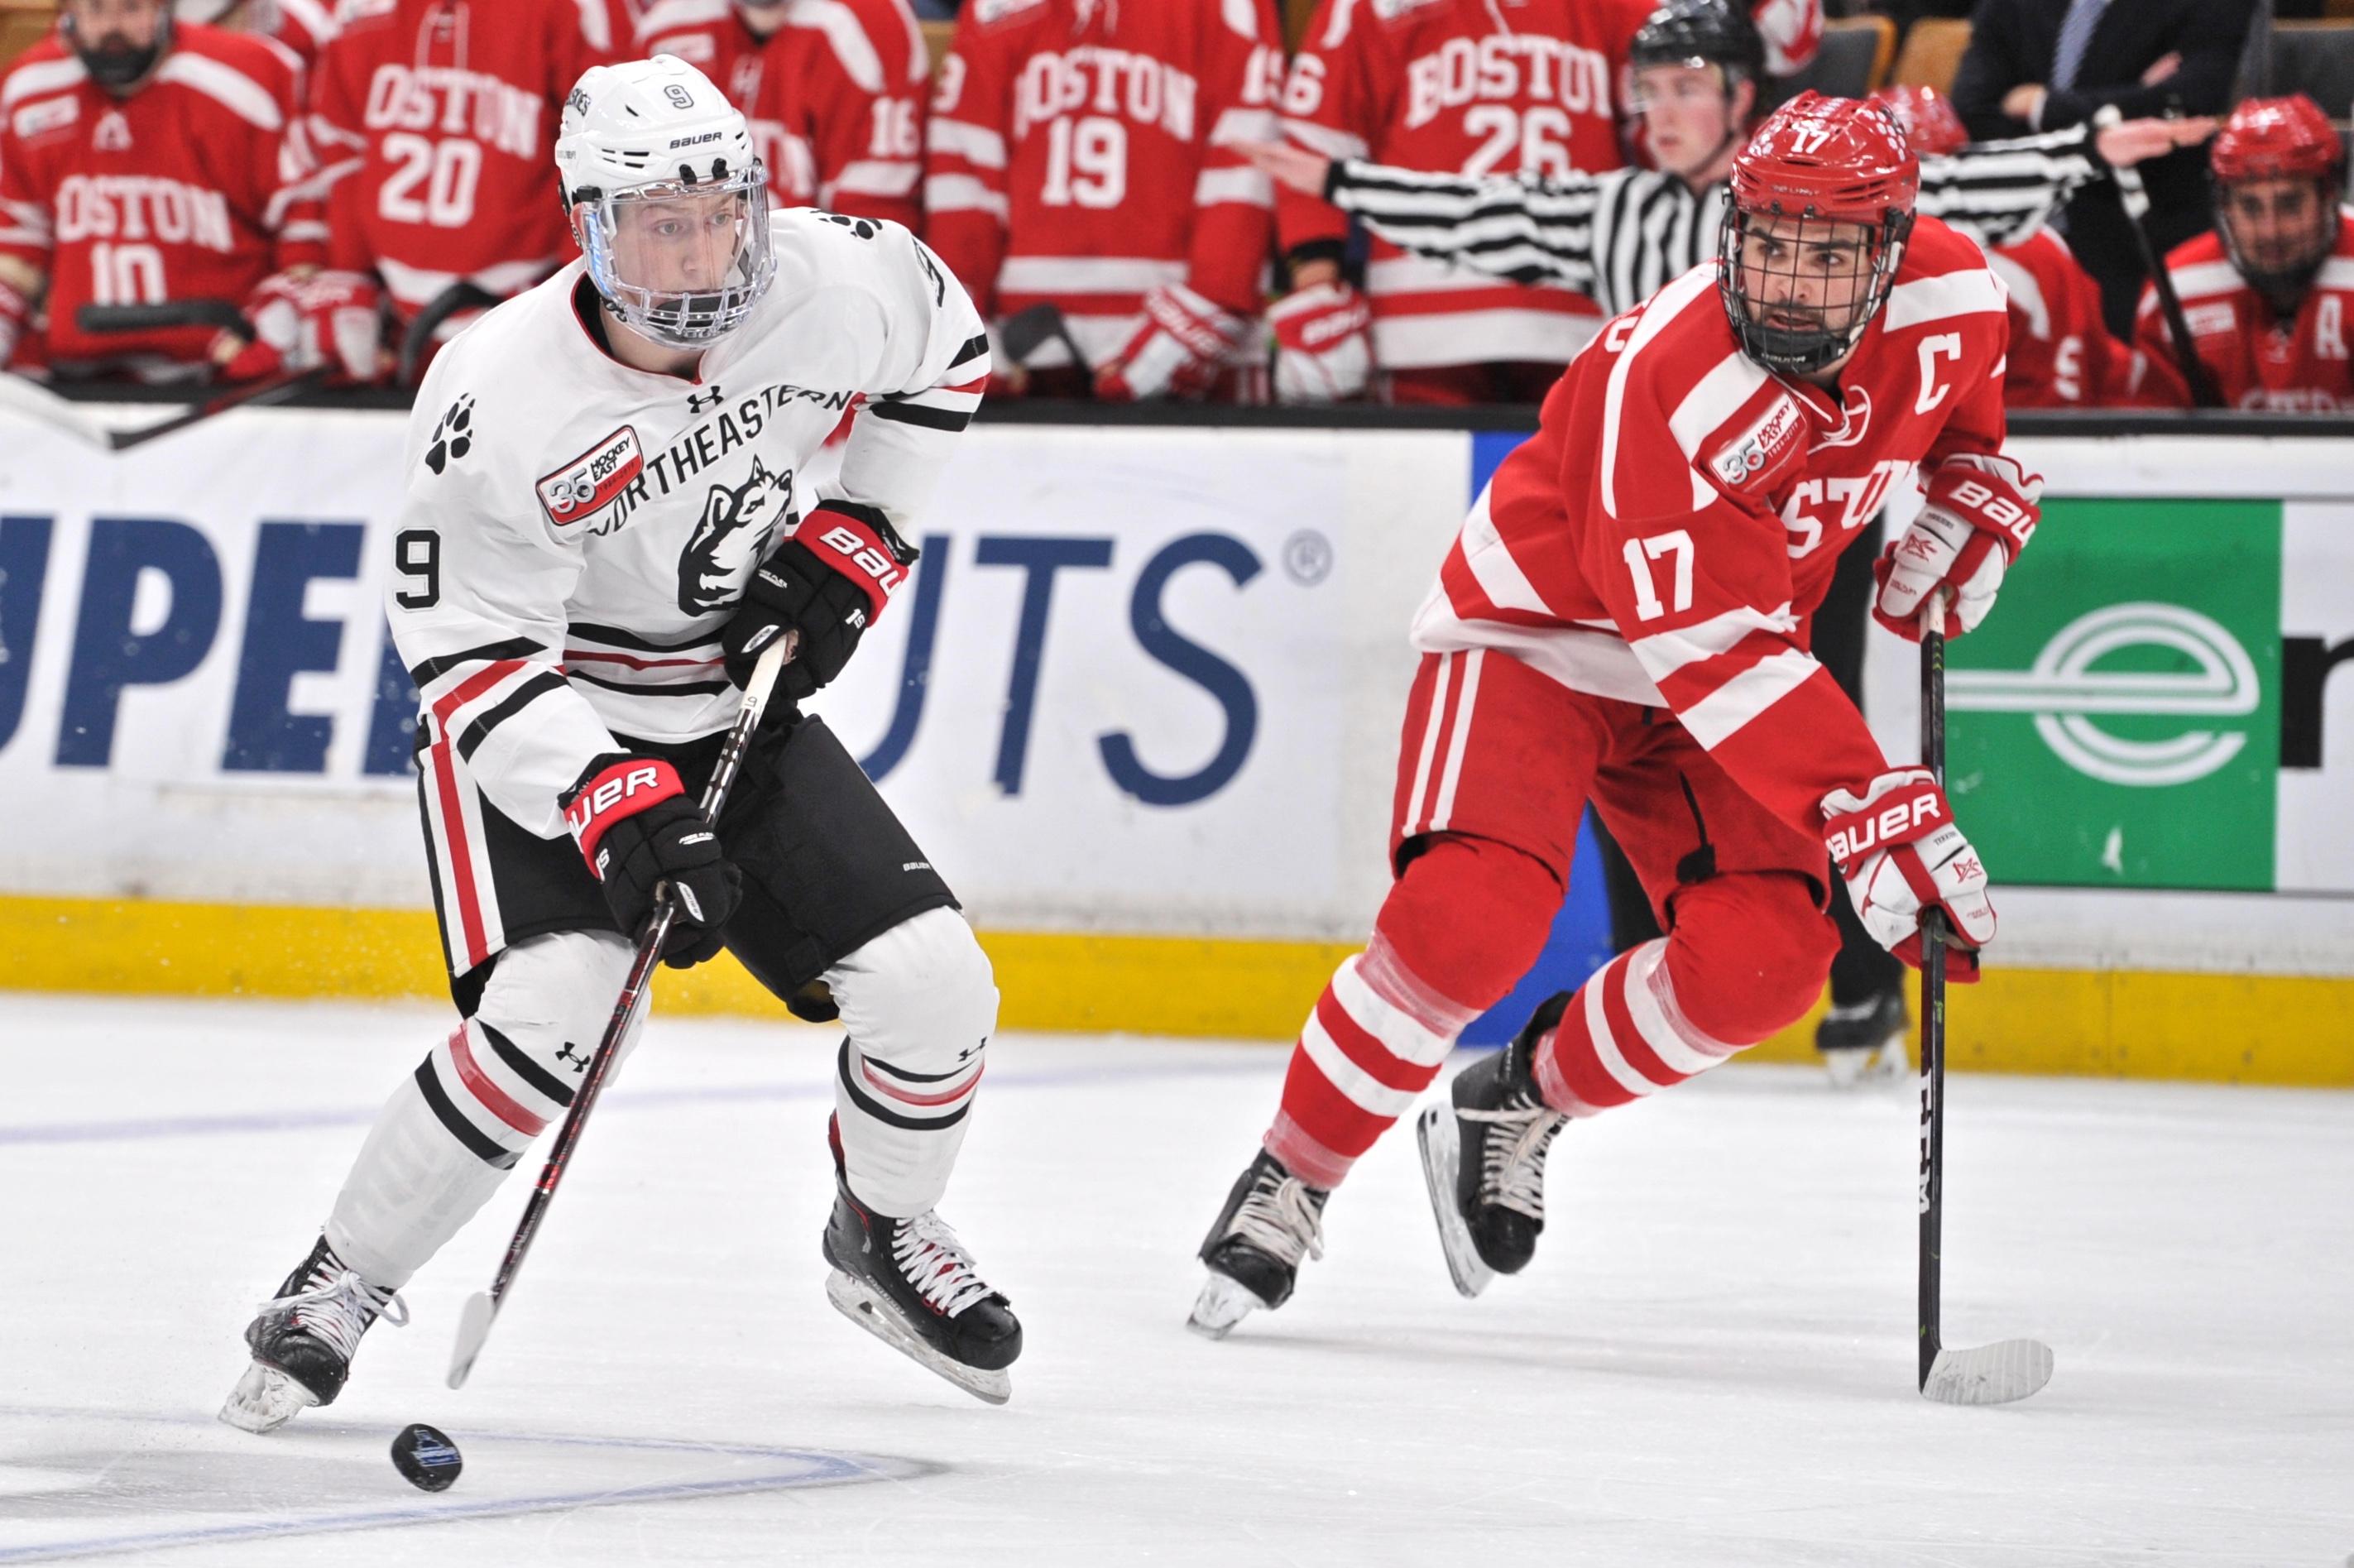 COLLEGE HOCKEY: MAR 22 Hockey East Championship - Boston University v Northeastern